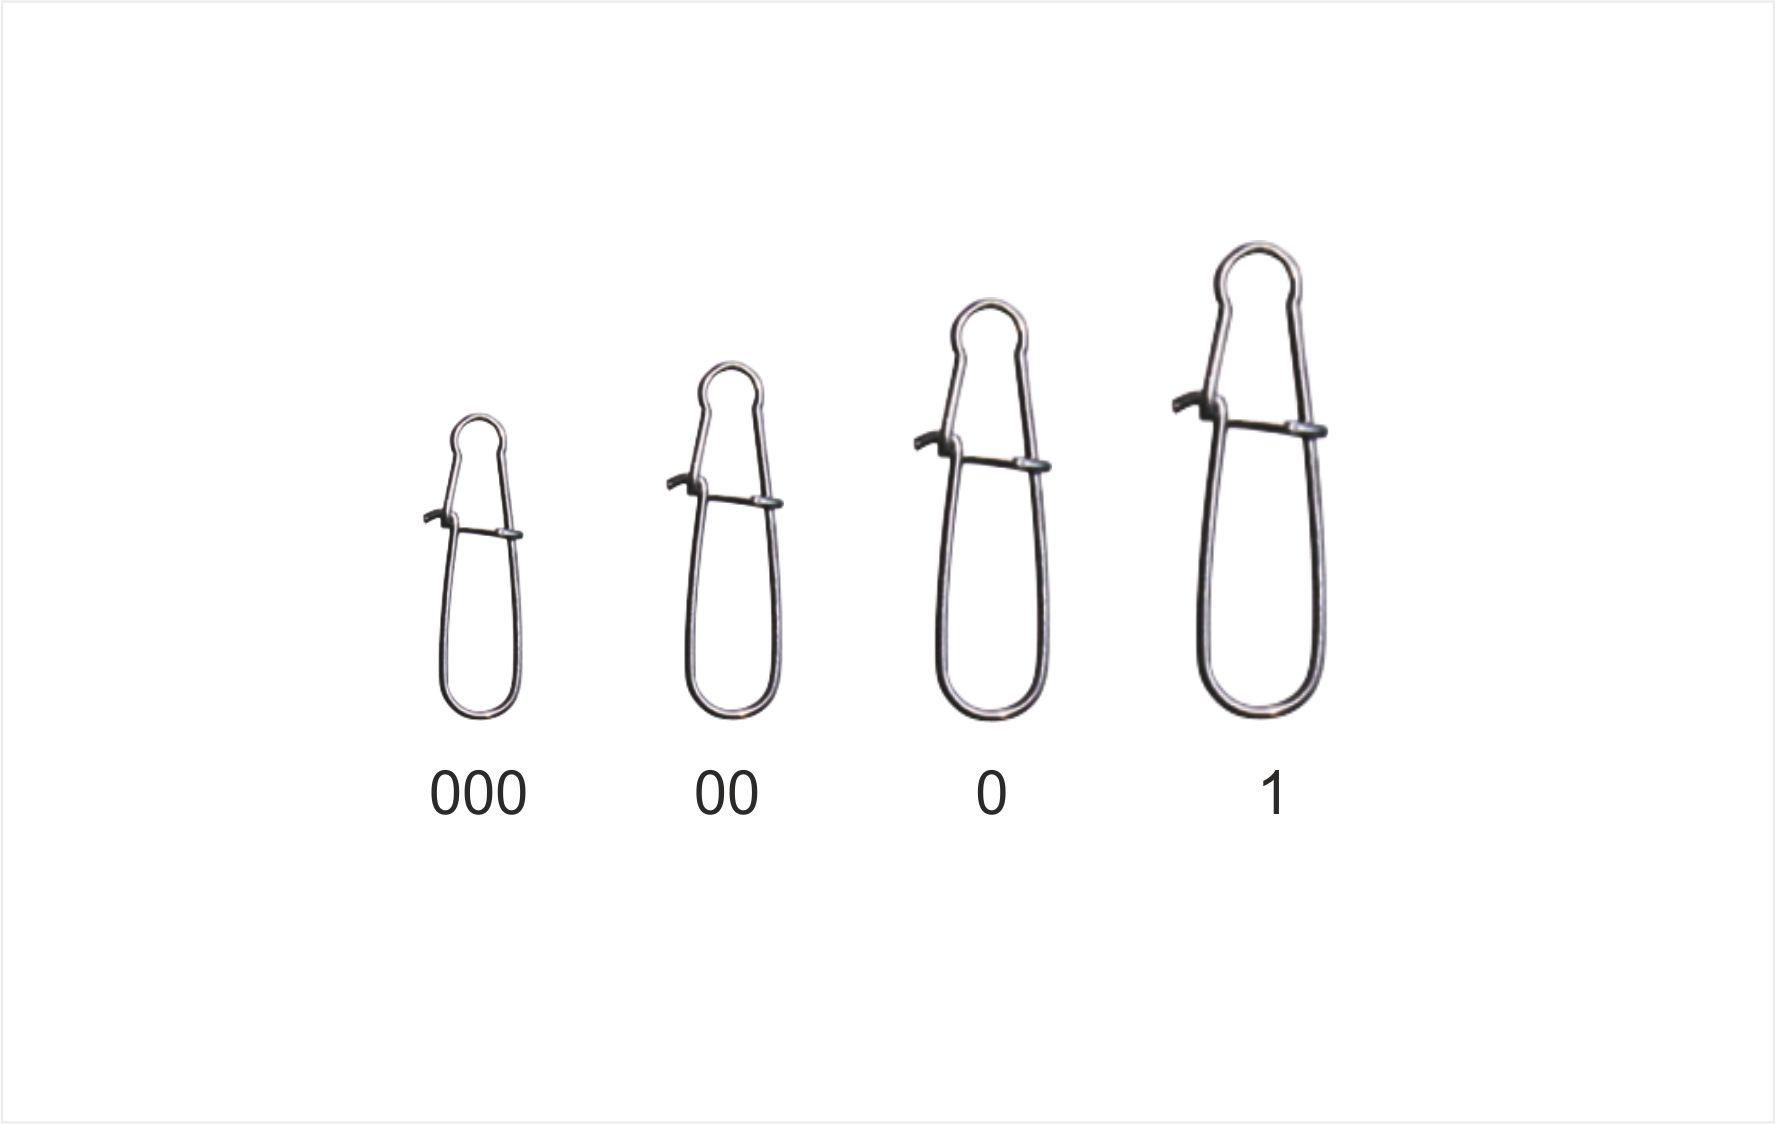 Mistrall karabinka vel. 0, 10 ks/bal